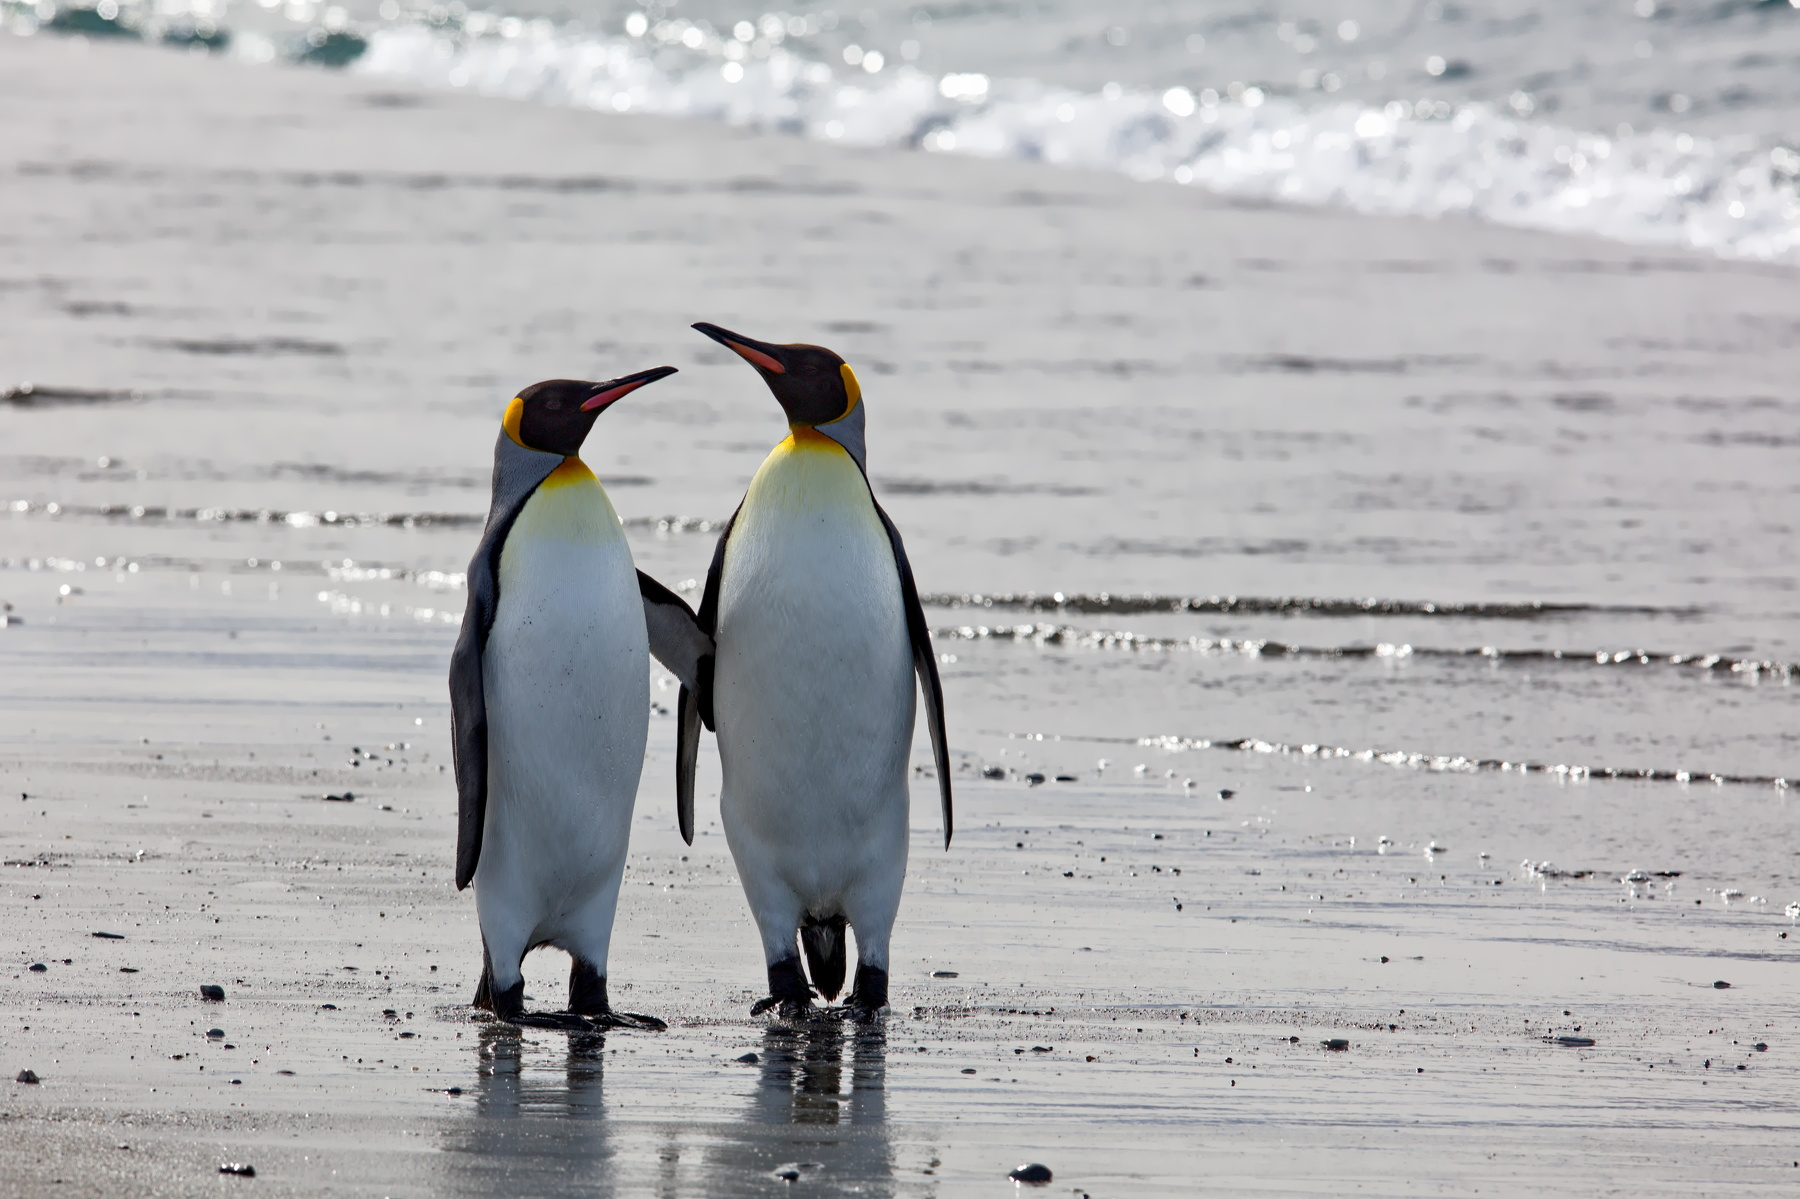 меня очень картинка двух пингвинов слишком довольна